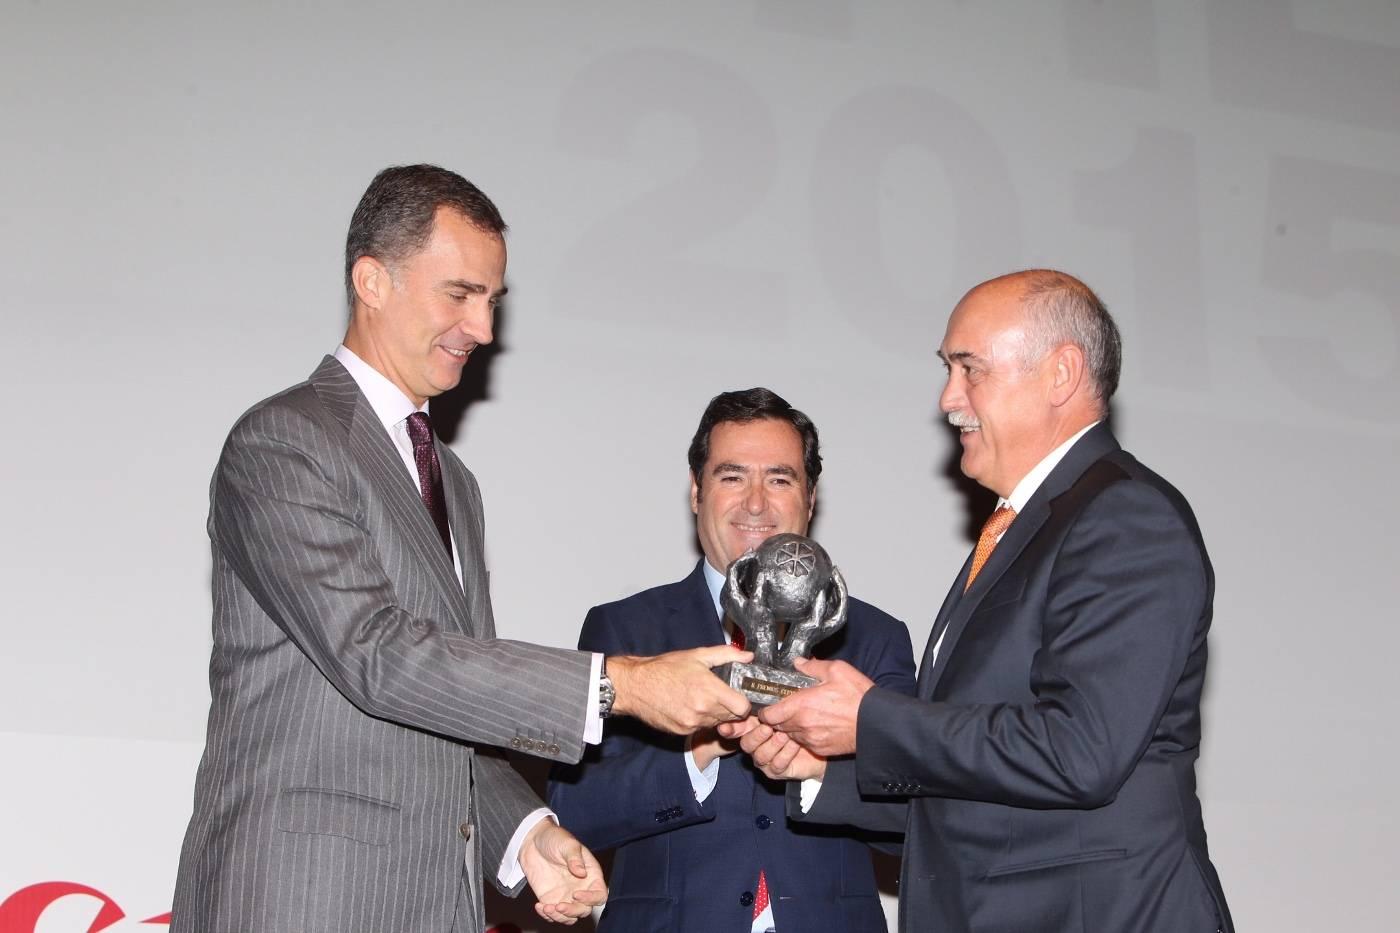 Rey Felipe y Antonio Ramirez de Tecnove Security en Herencia - Tecnove Security premiada por su compromiso con la inclusión laboral